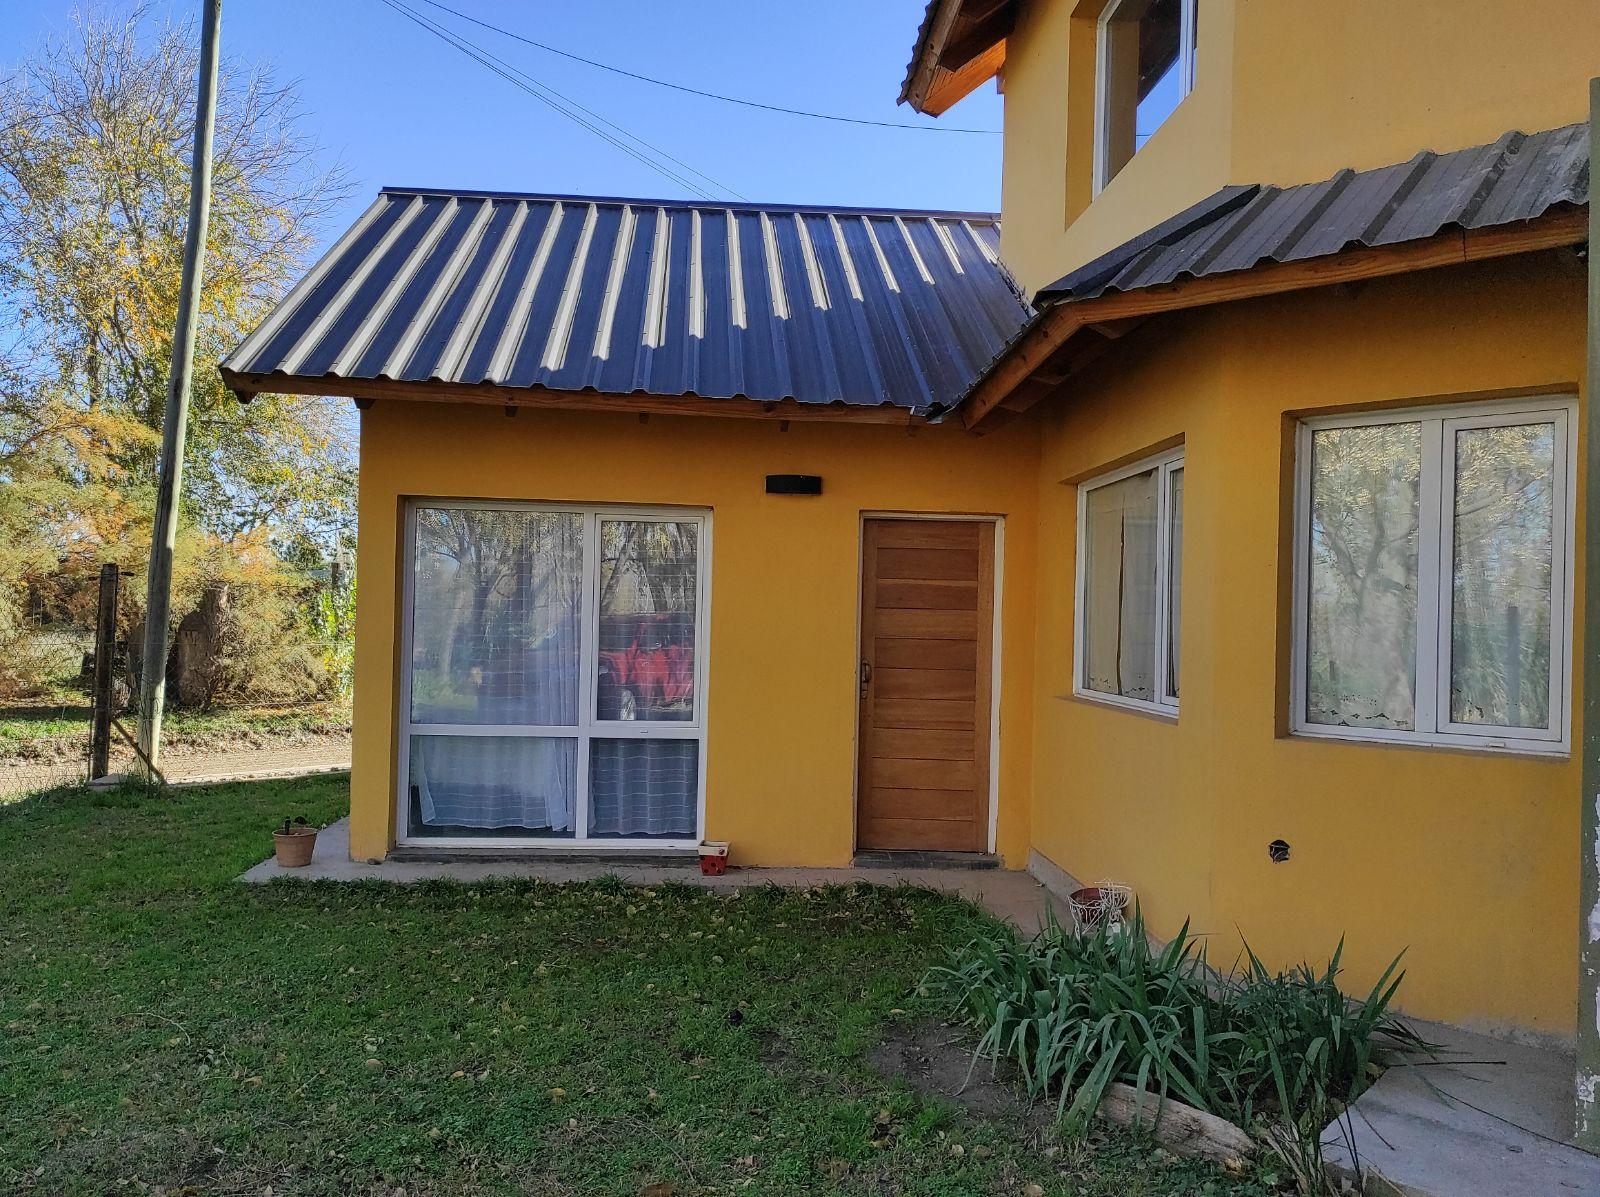 Casa en alquiler de 3 dormitorios c/ cochera en Plottier